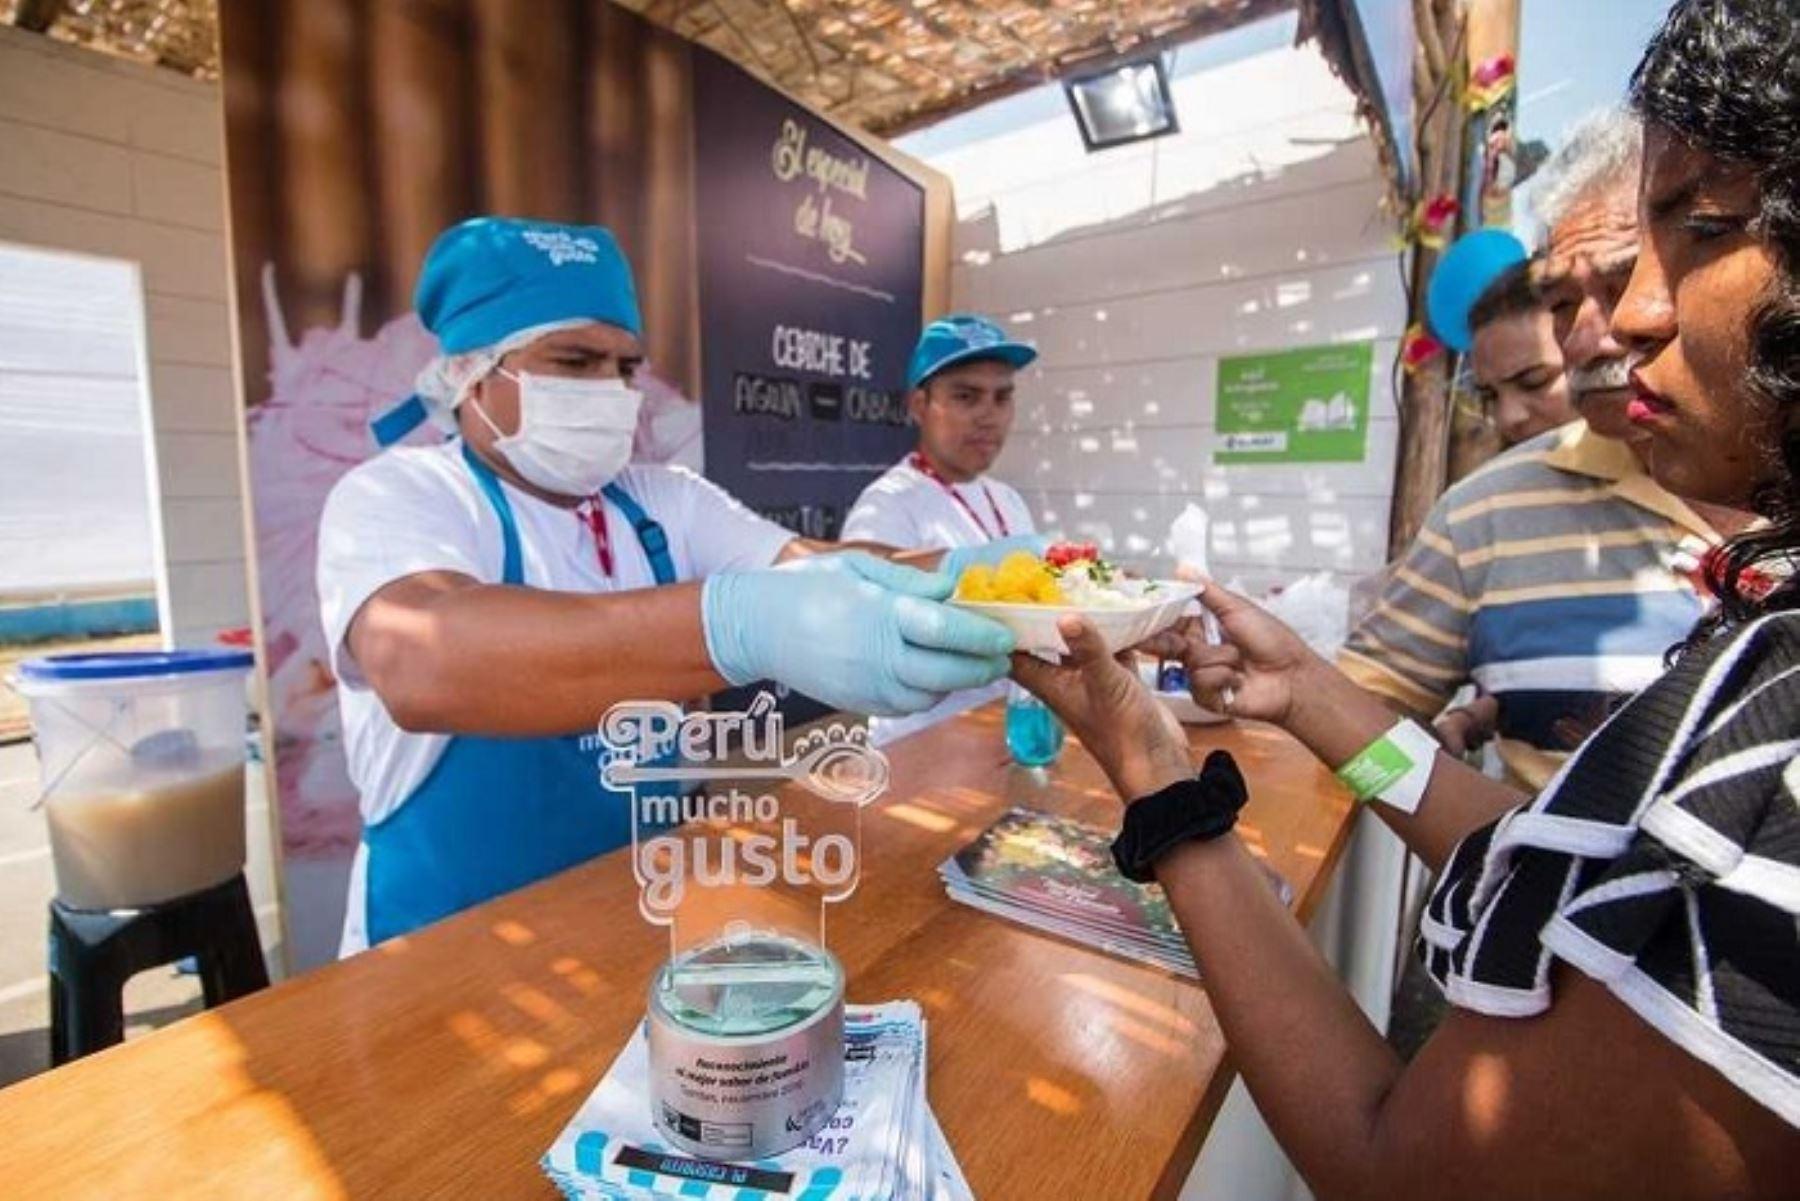 """""""Perú, Mucho Gusto"""" estima congregar a más de 20,000 visitantes en los tres días que dure la feria. El Ingreso es gratuito."""